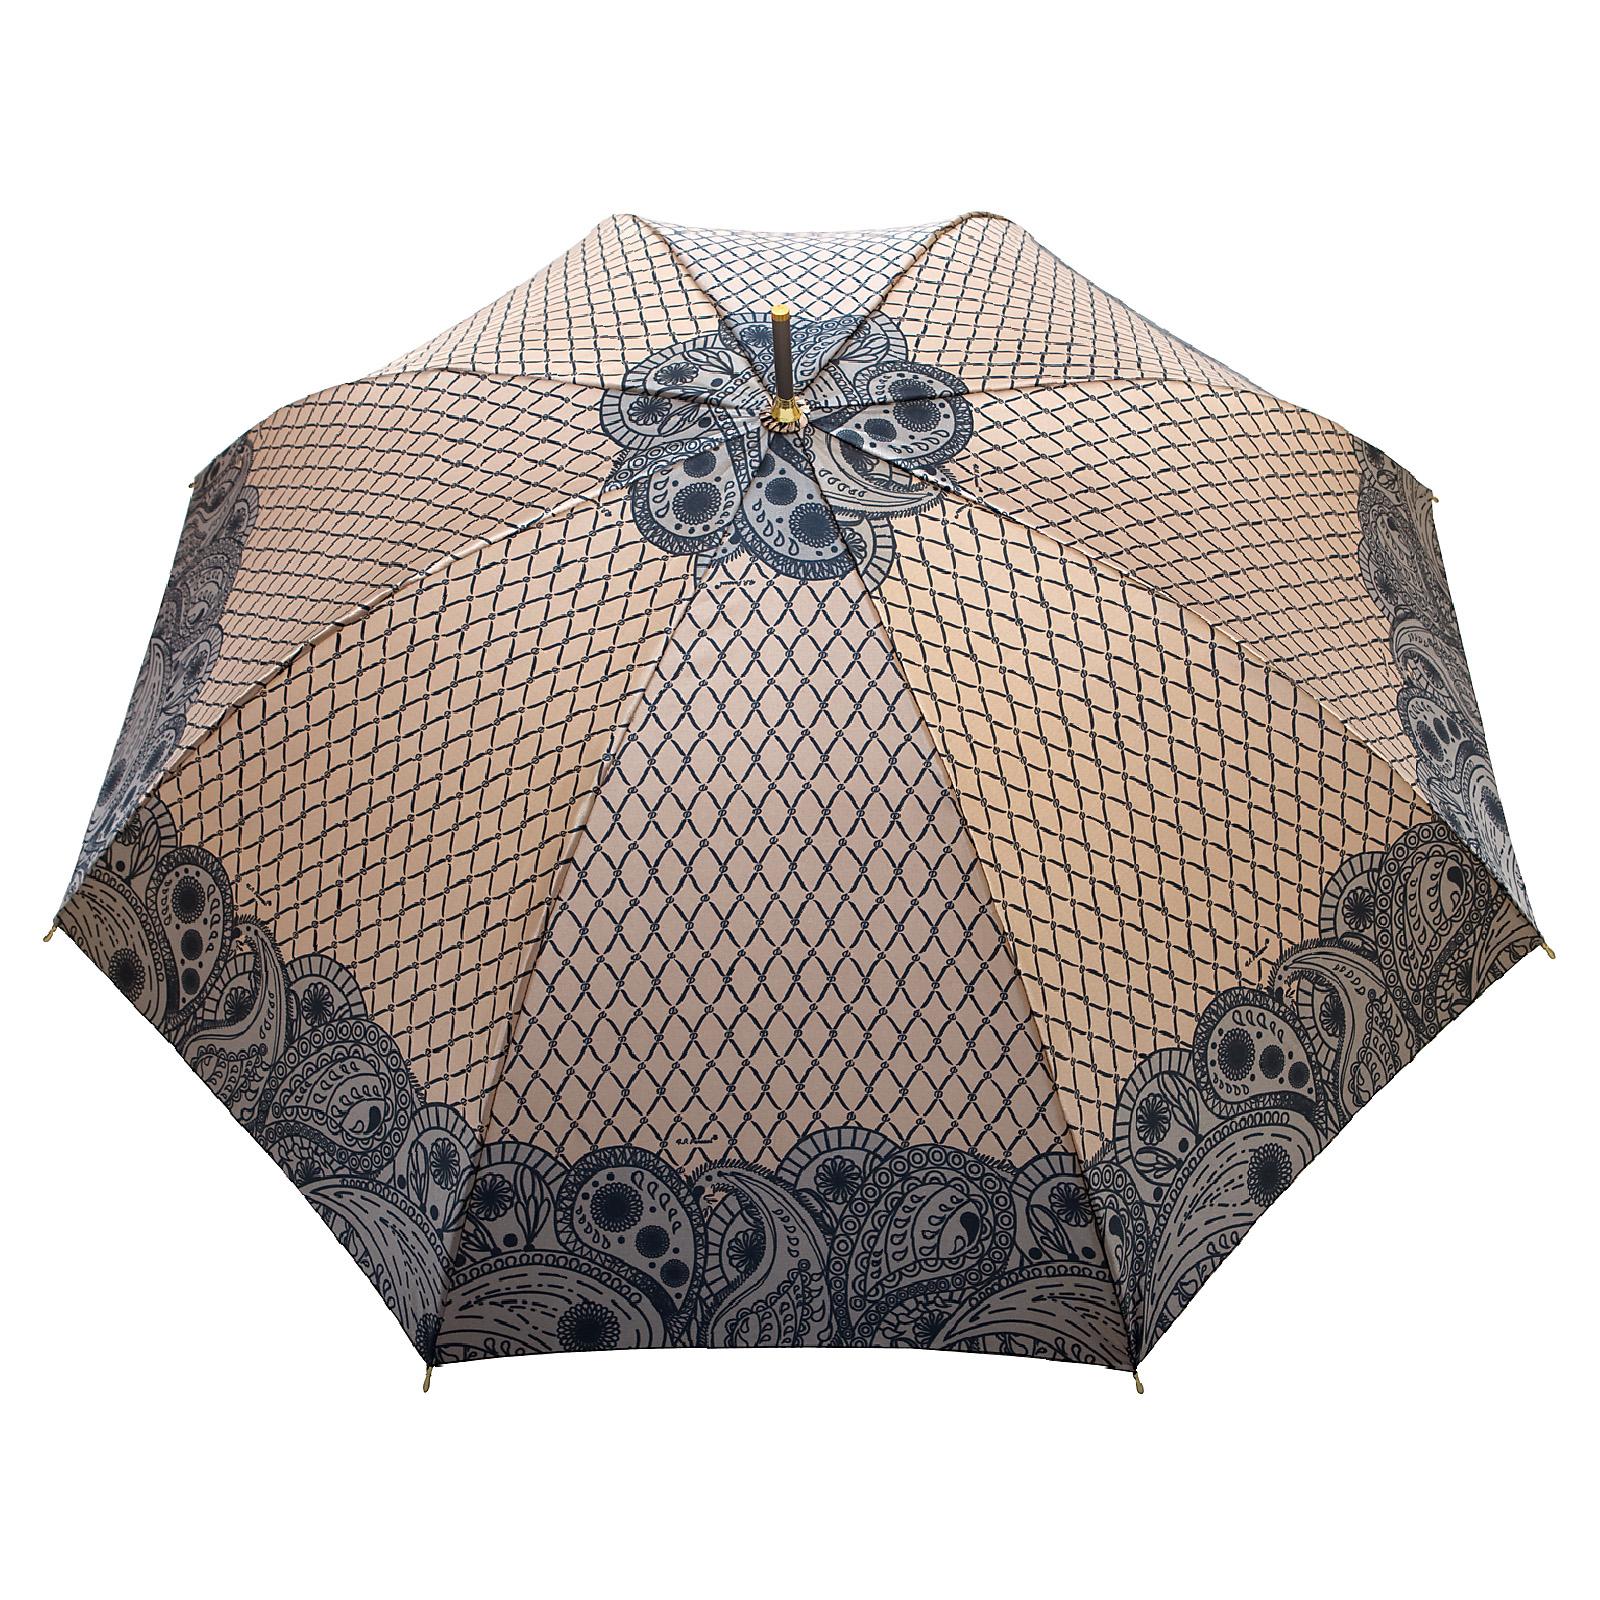 PA-00018-C16-parapluie-femme-long-automatique-cachemire-beige